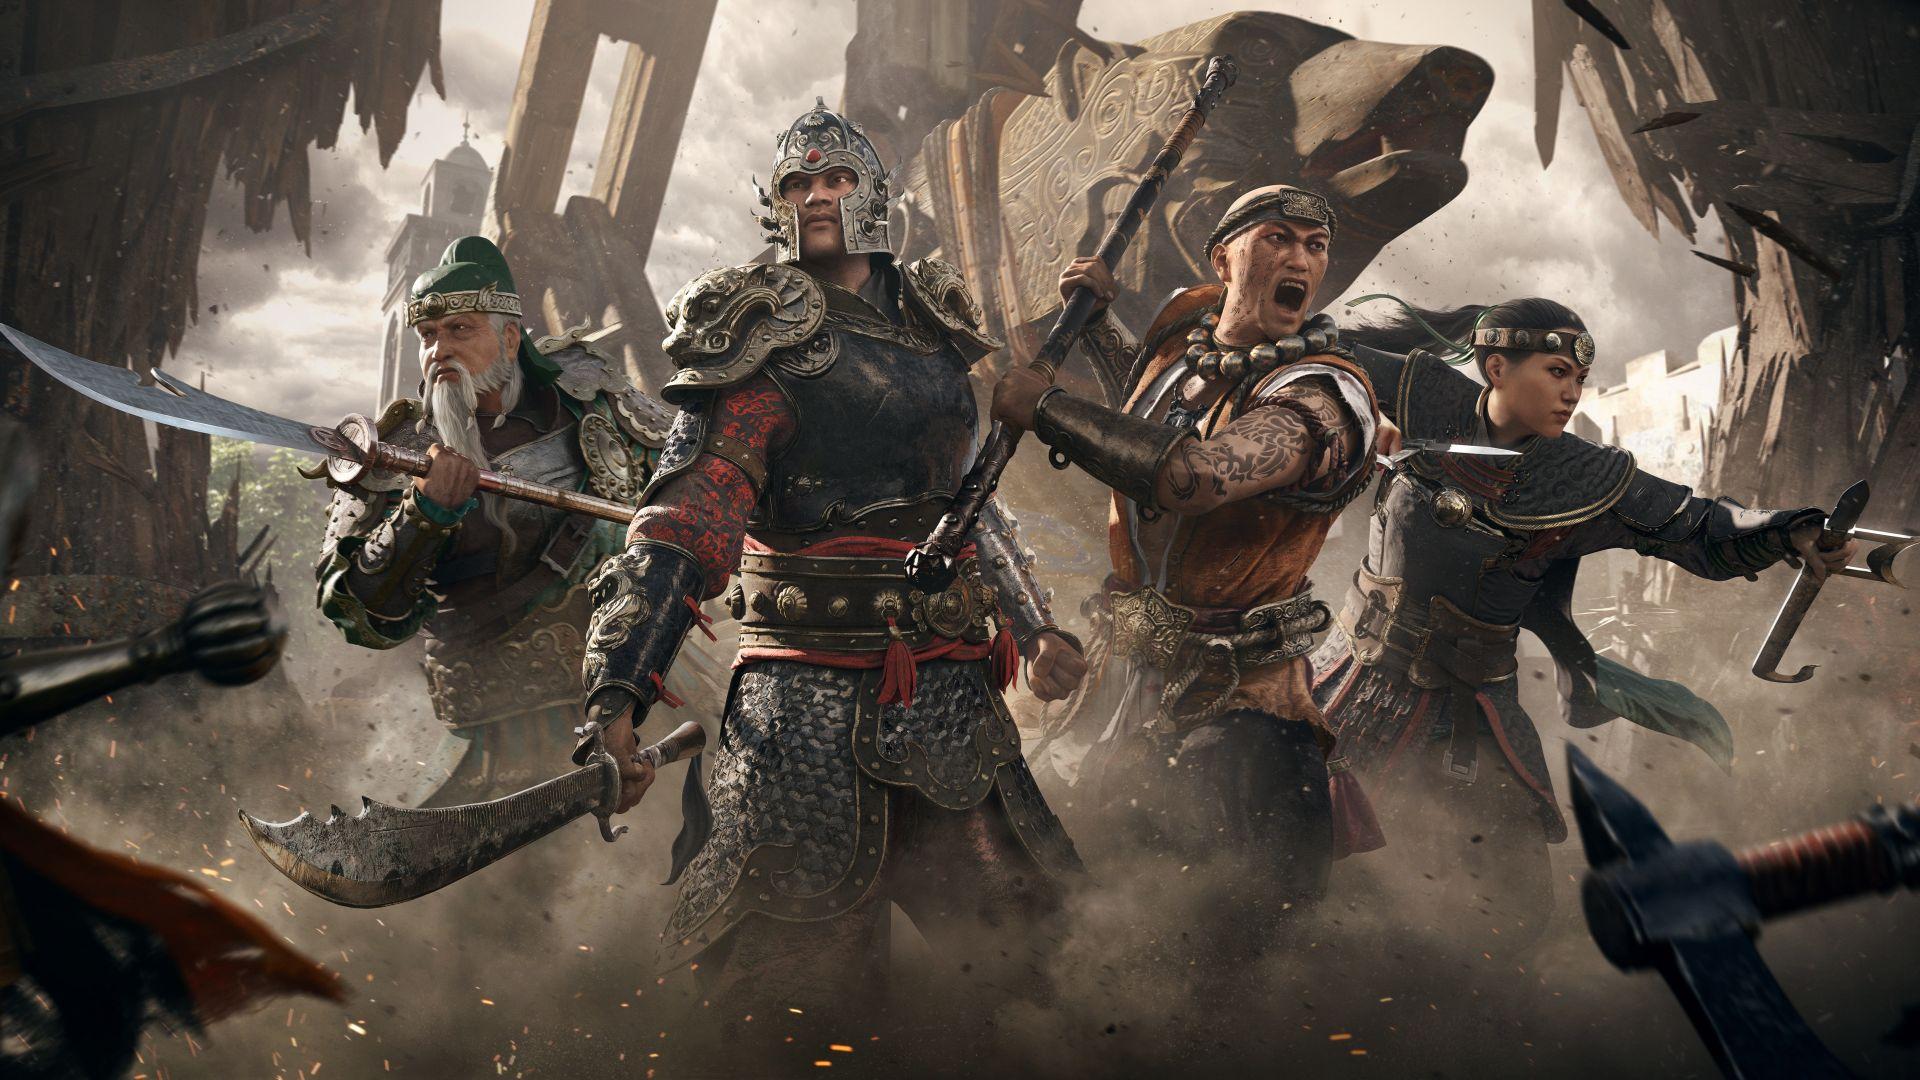 Wallpaper For Honor, E3 2018, artwork, poster, 8K, Games ...